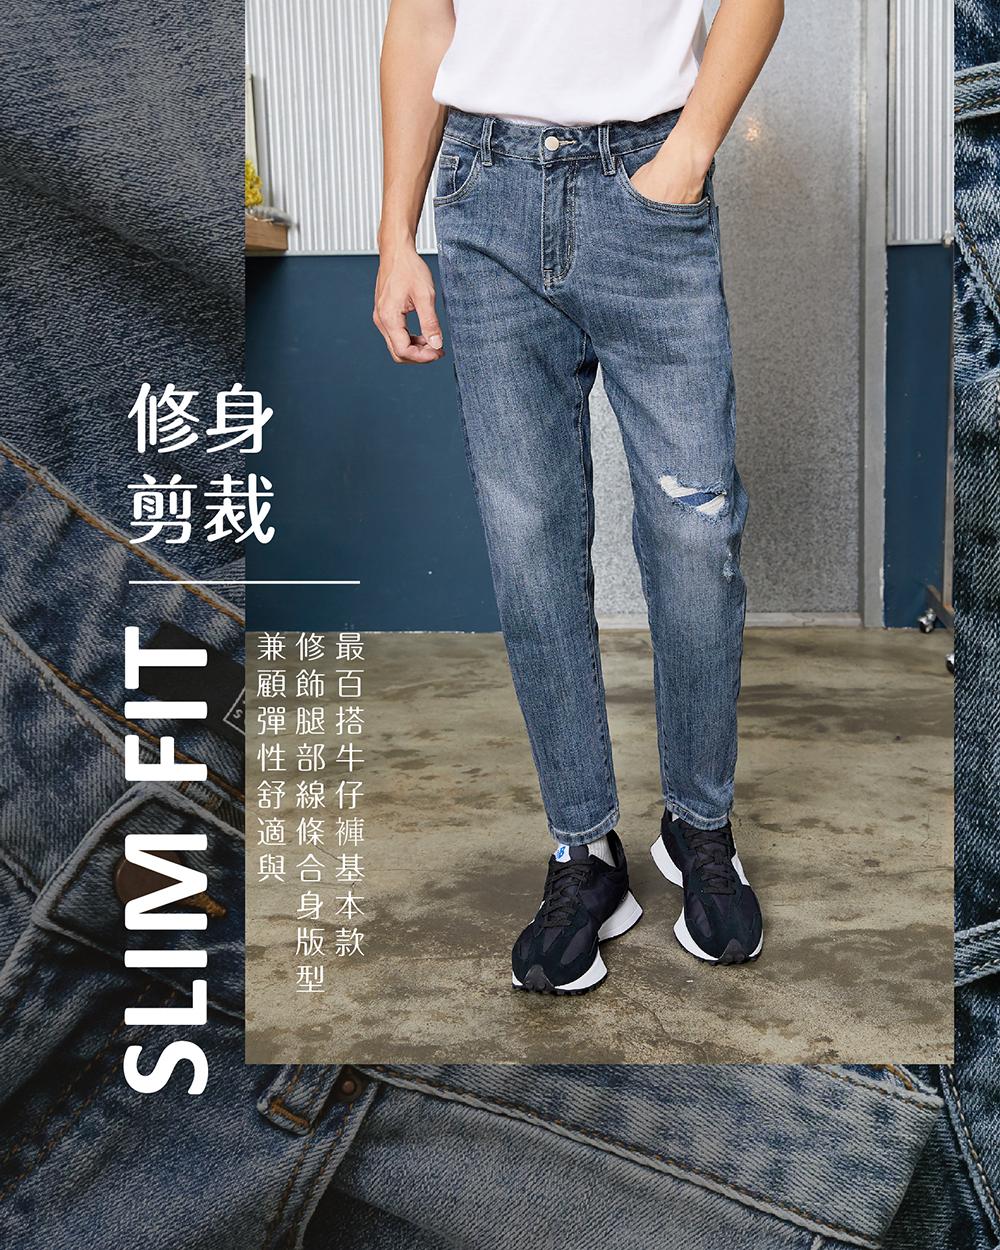 jerscy,最新商品,丹寧牛仔褲,修身合身剪裁,男,SLIMFIT,